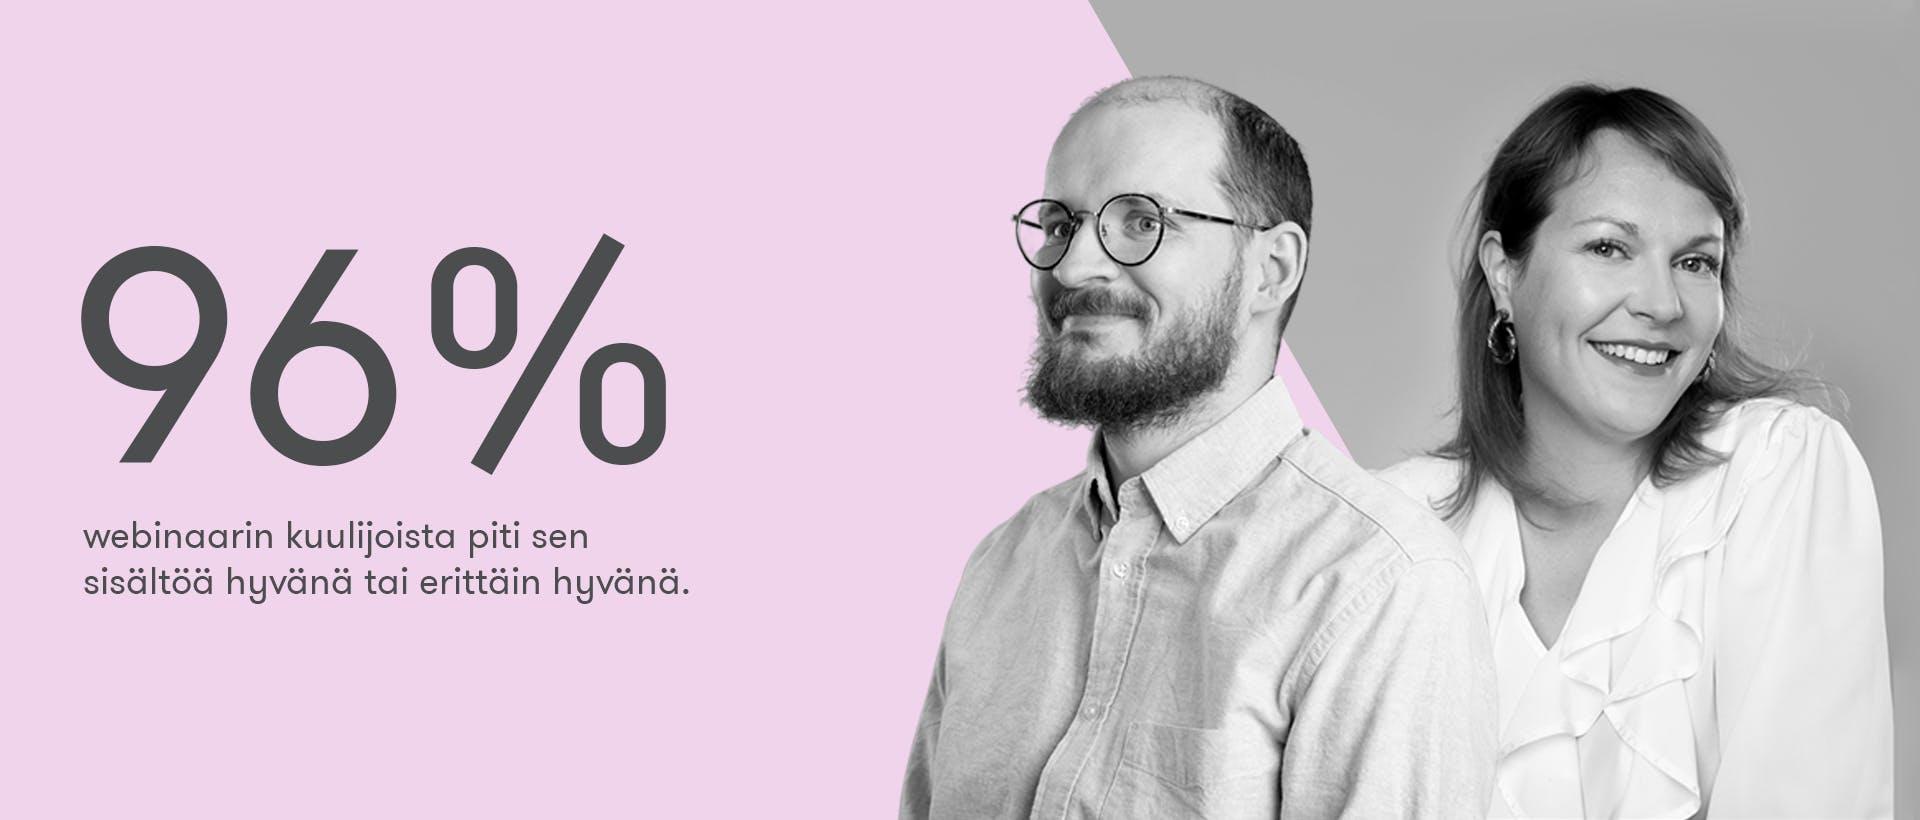 96% B2B-markkinointi -webinaarin kuulijoista piti sen sisältöä erittäin hyvänä tai hyvänä. Kuvassa webinaarin puhujat, Vapan Mikko Rummukainen ja Annika Lundström.